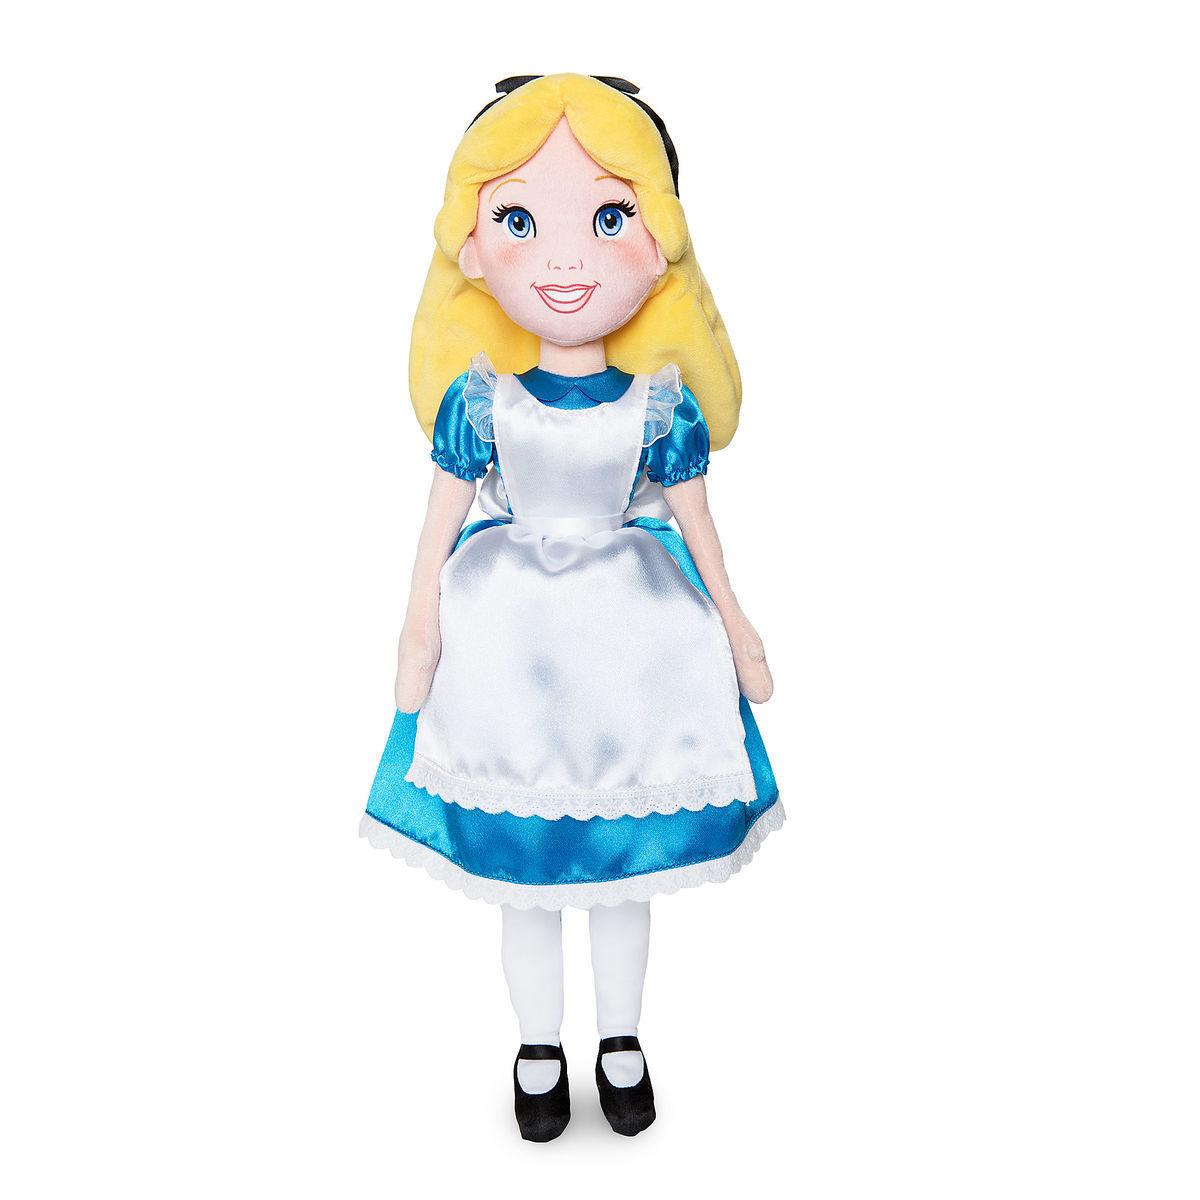 Мягкая кукла Алиса в стране Чудес - Дисней 46 см